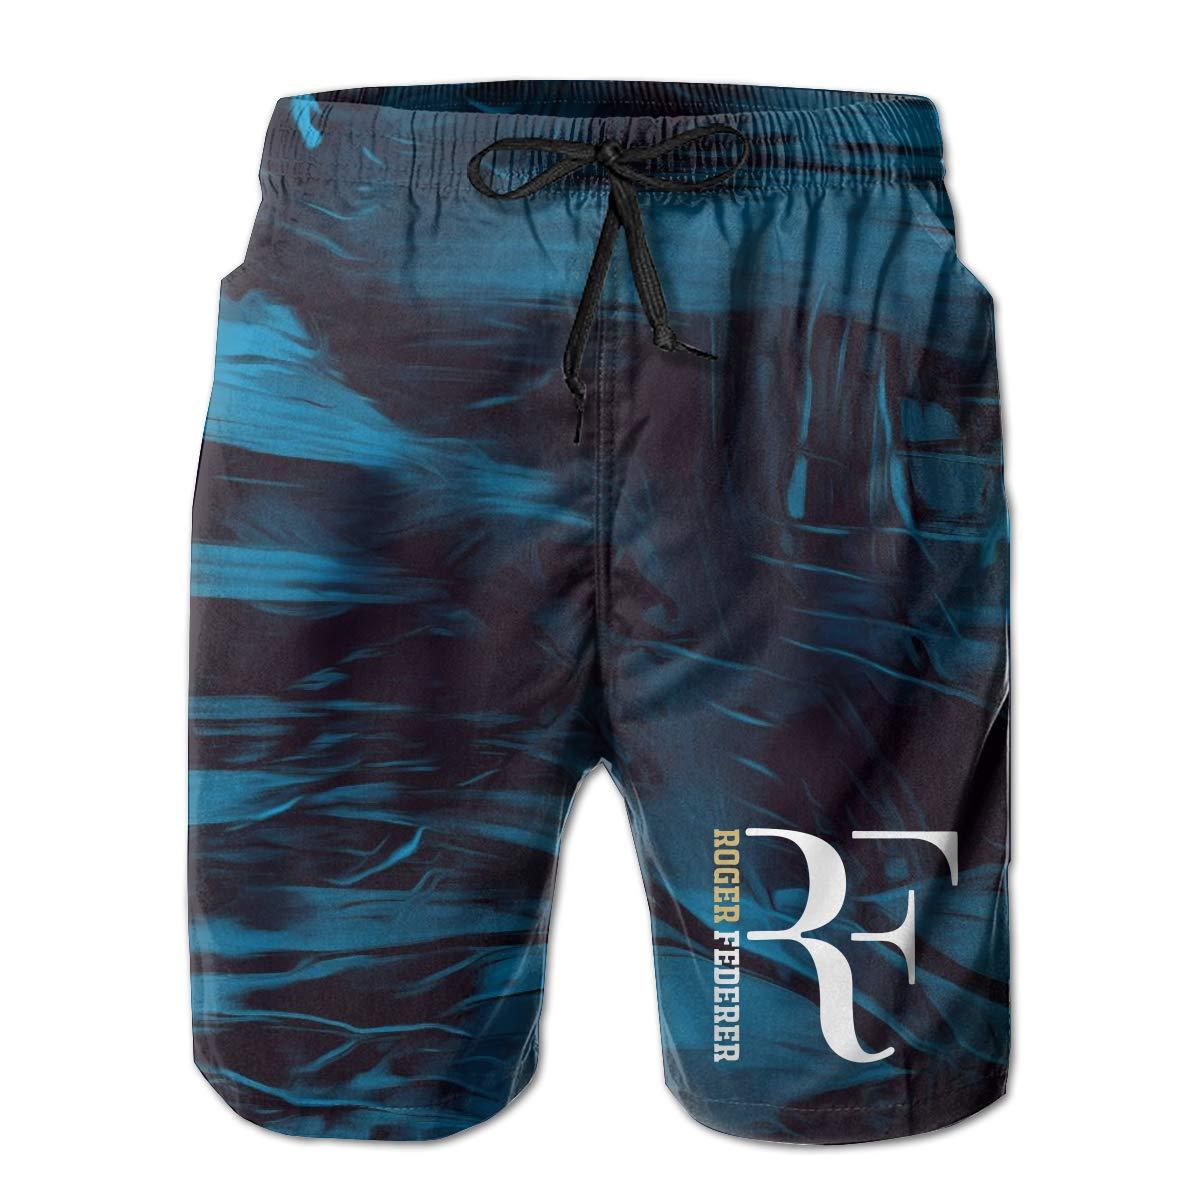 SheSylvi Mens Swim Trunks Rf-Roger Federer Swimming Beach Surfing Board Shorts Swimwear with Pockets